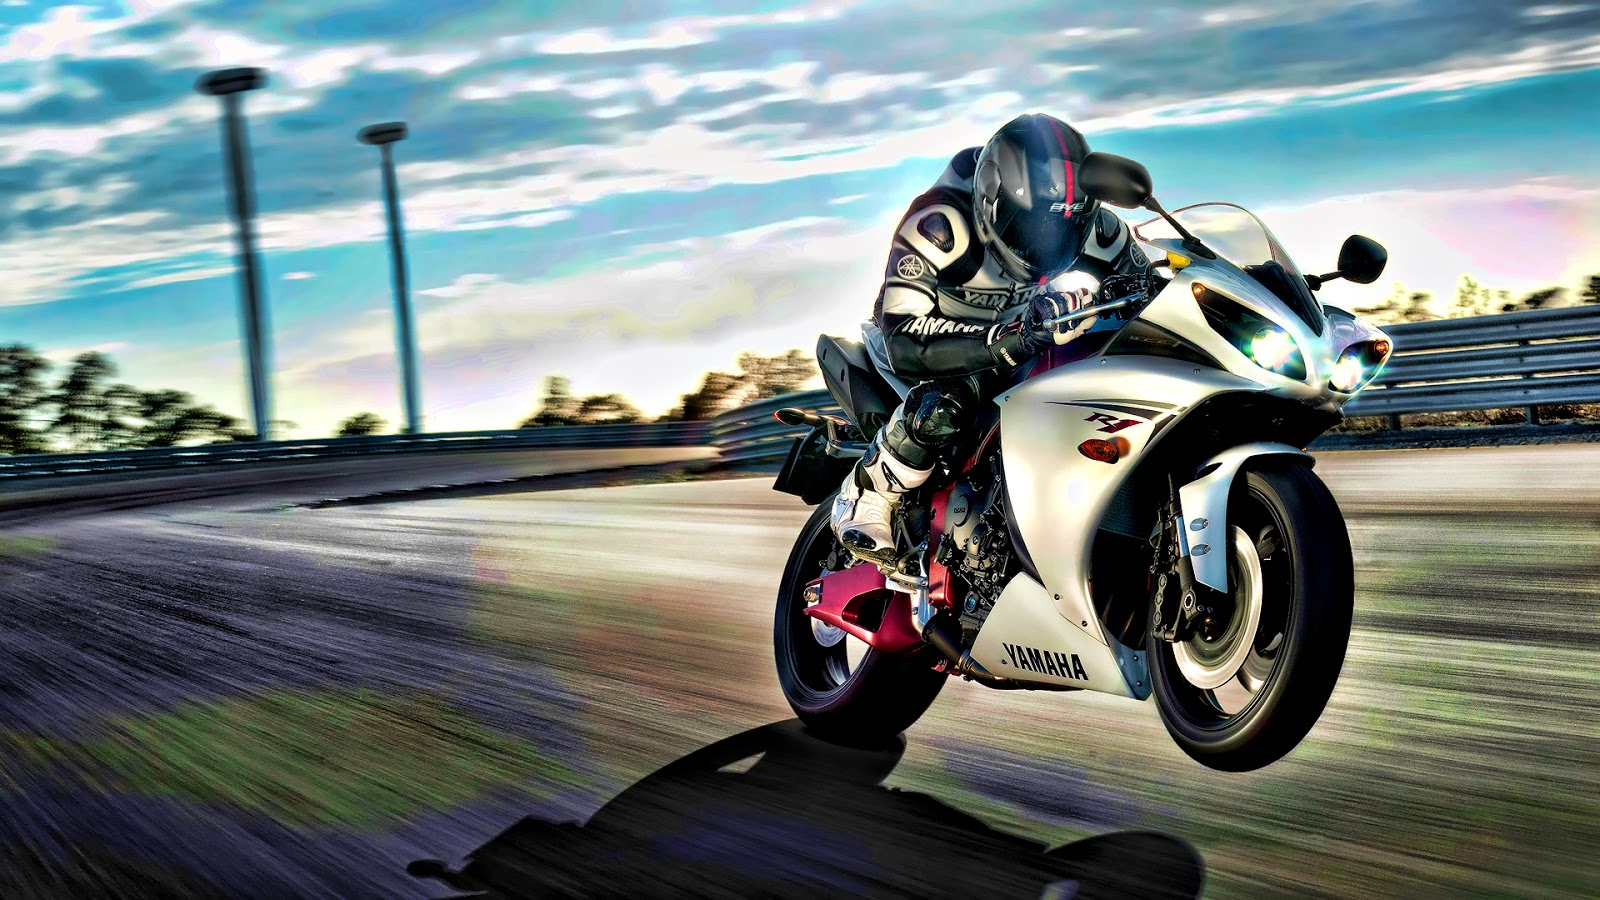 Wallpapers motos | Wallpapers de Autos